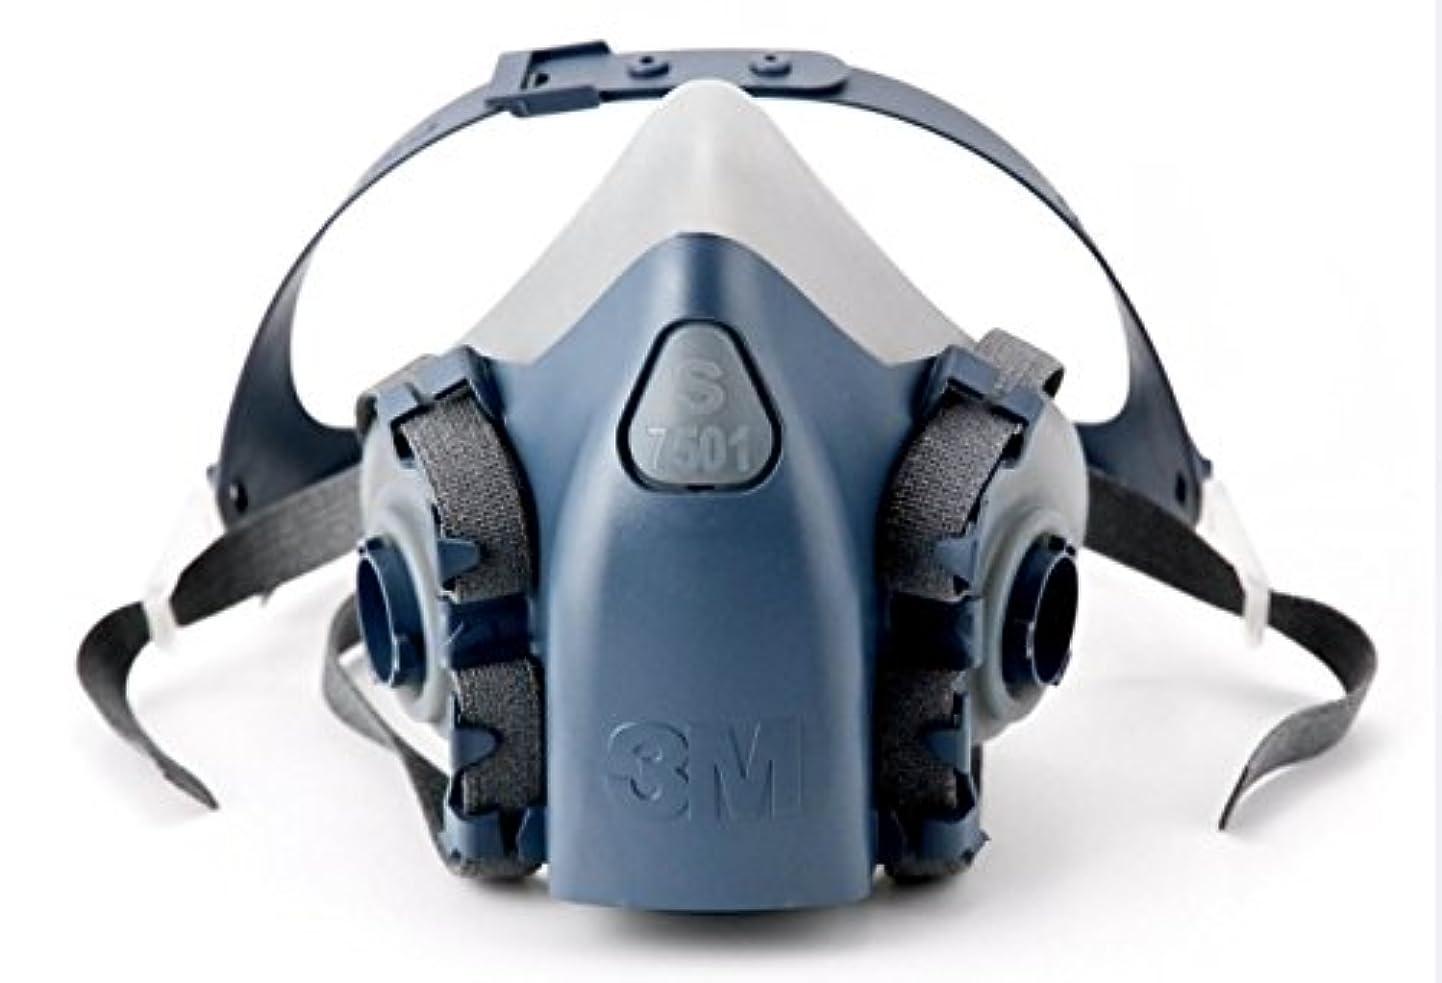 意味アッパー作る3 M Small半分Facepiece再利用可能な保護マスク7501 / 37081 (AAD)呼吸保護 3 Set (Small)